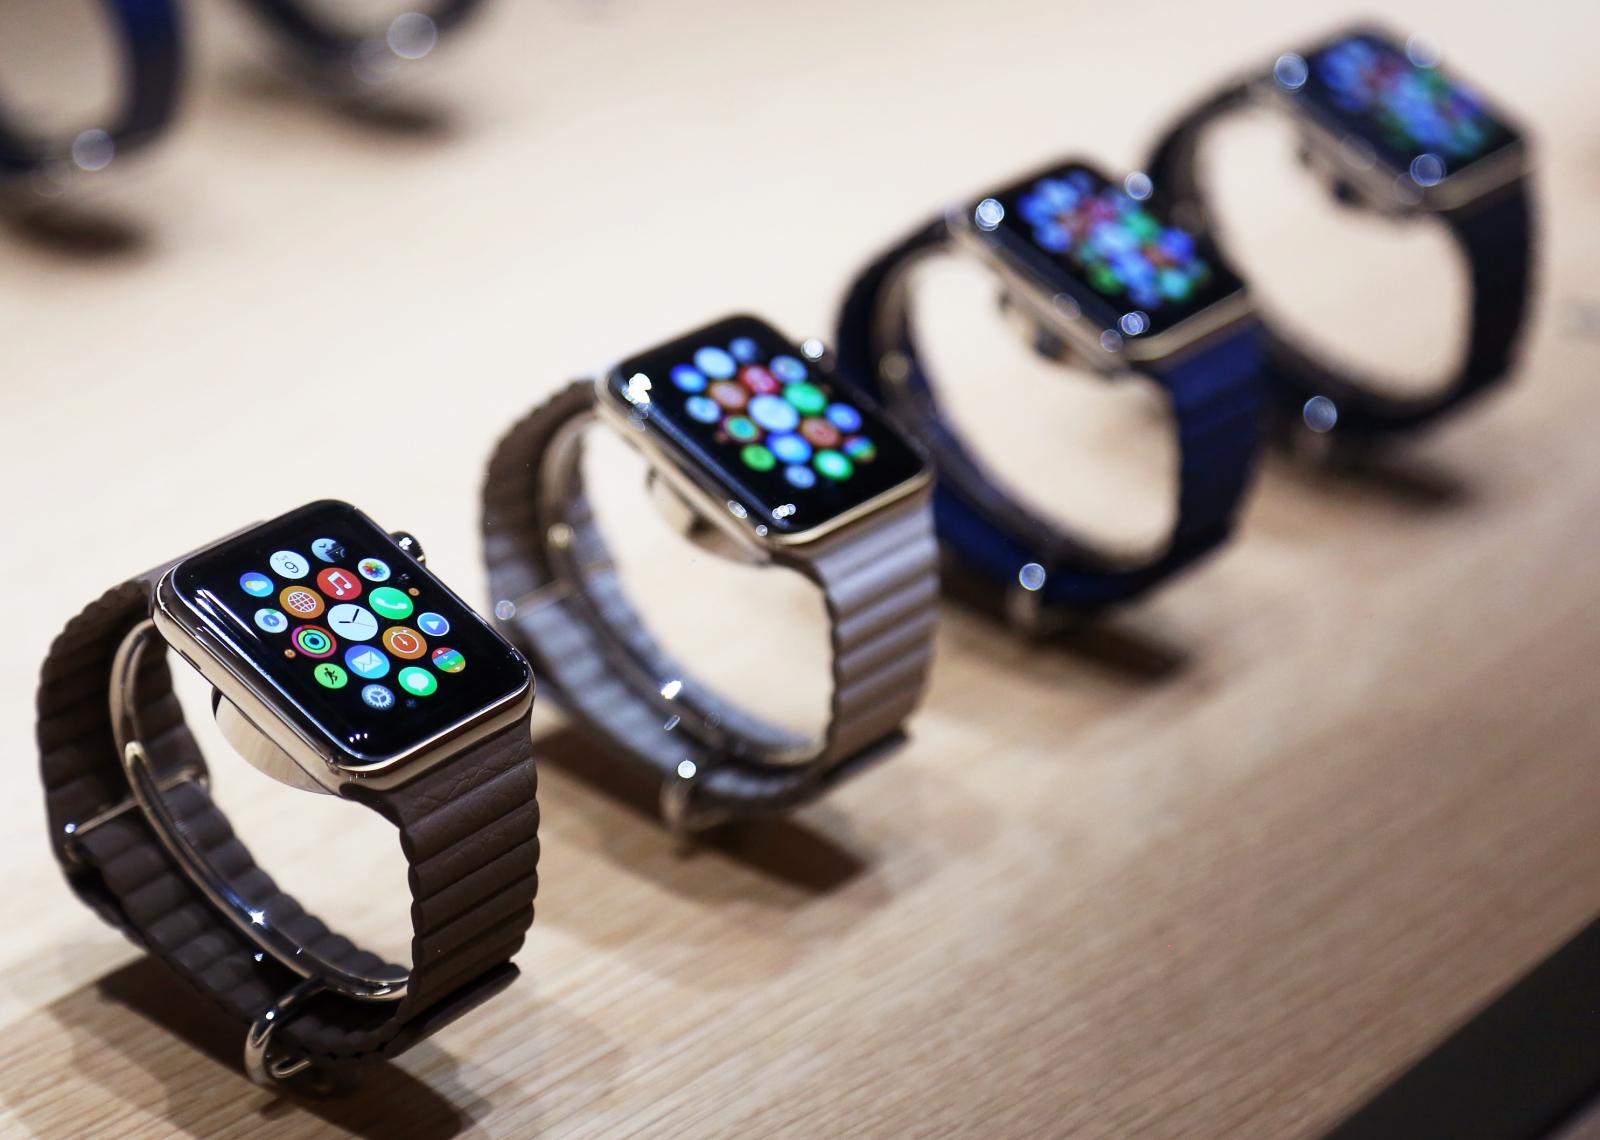 Apple Watch store to open in Selfridges London on 10 April